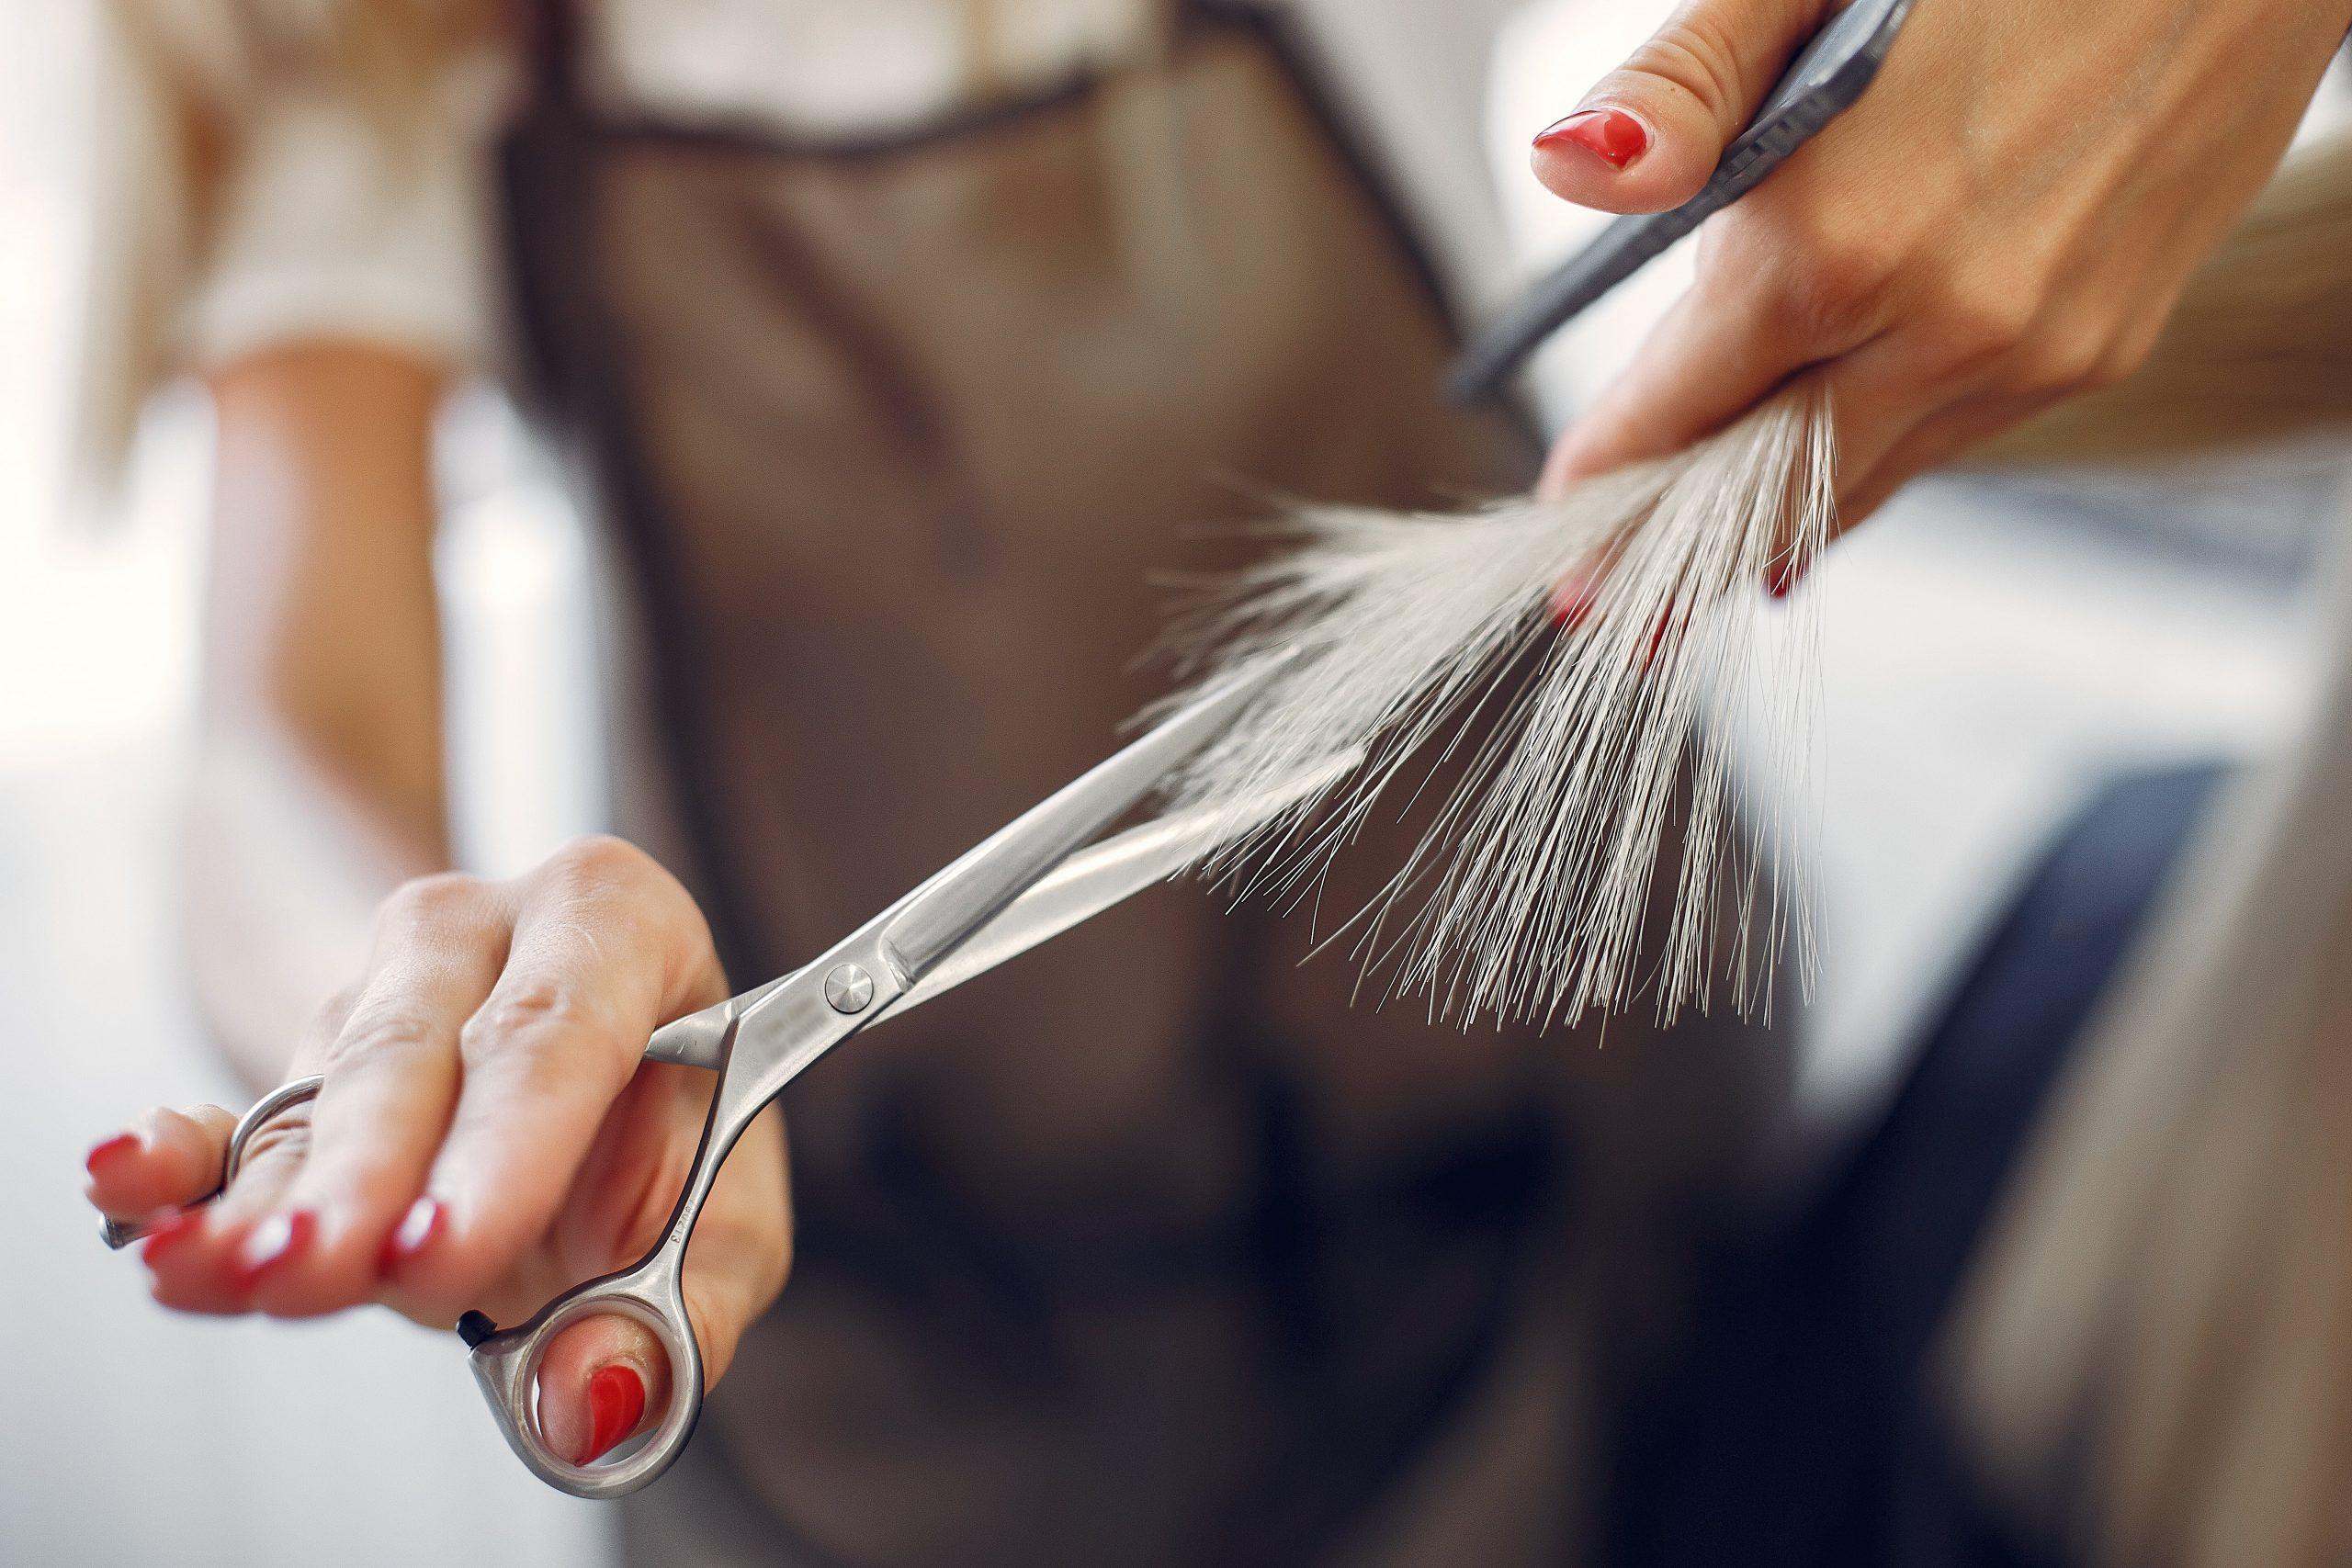 Consejos y recomendaciones si quieres estudiar peluquería profesional